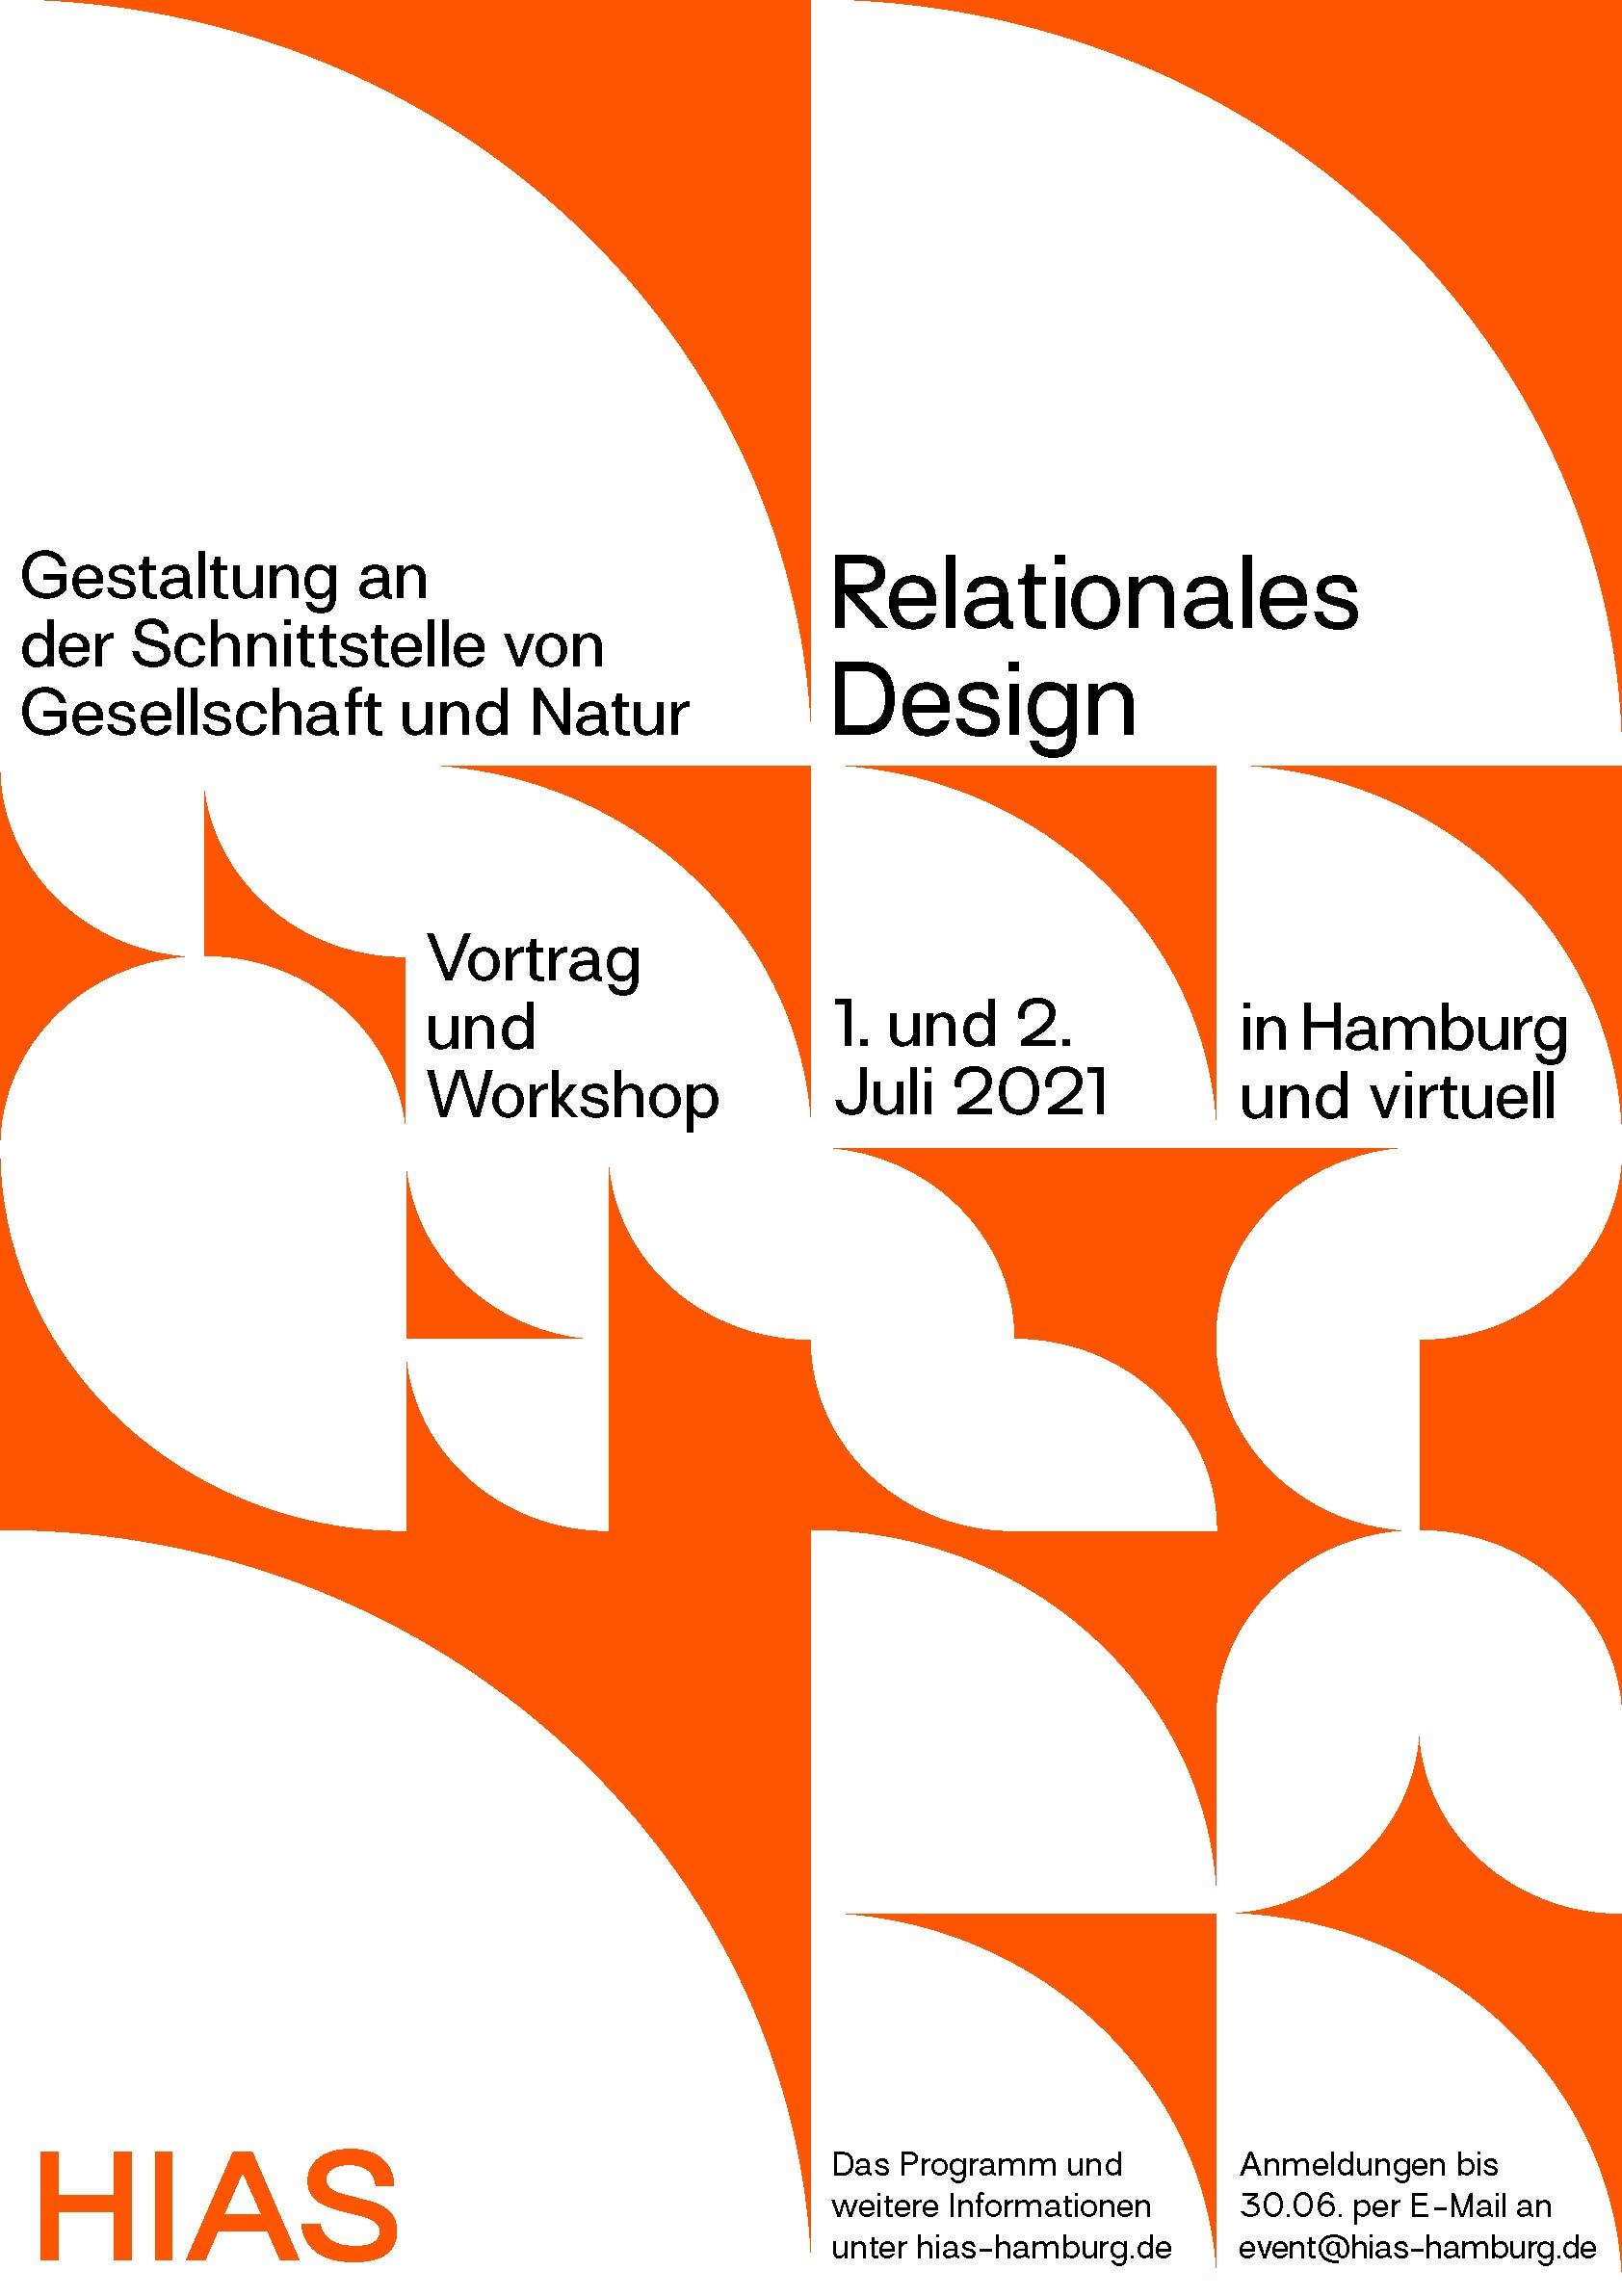 Relationales Design